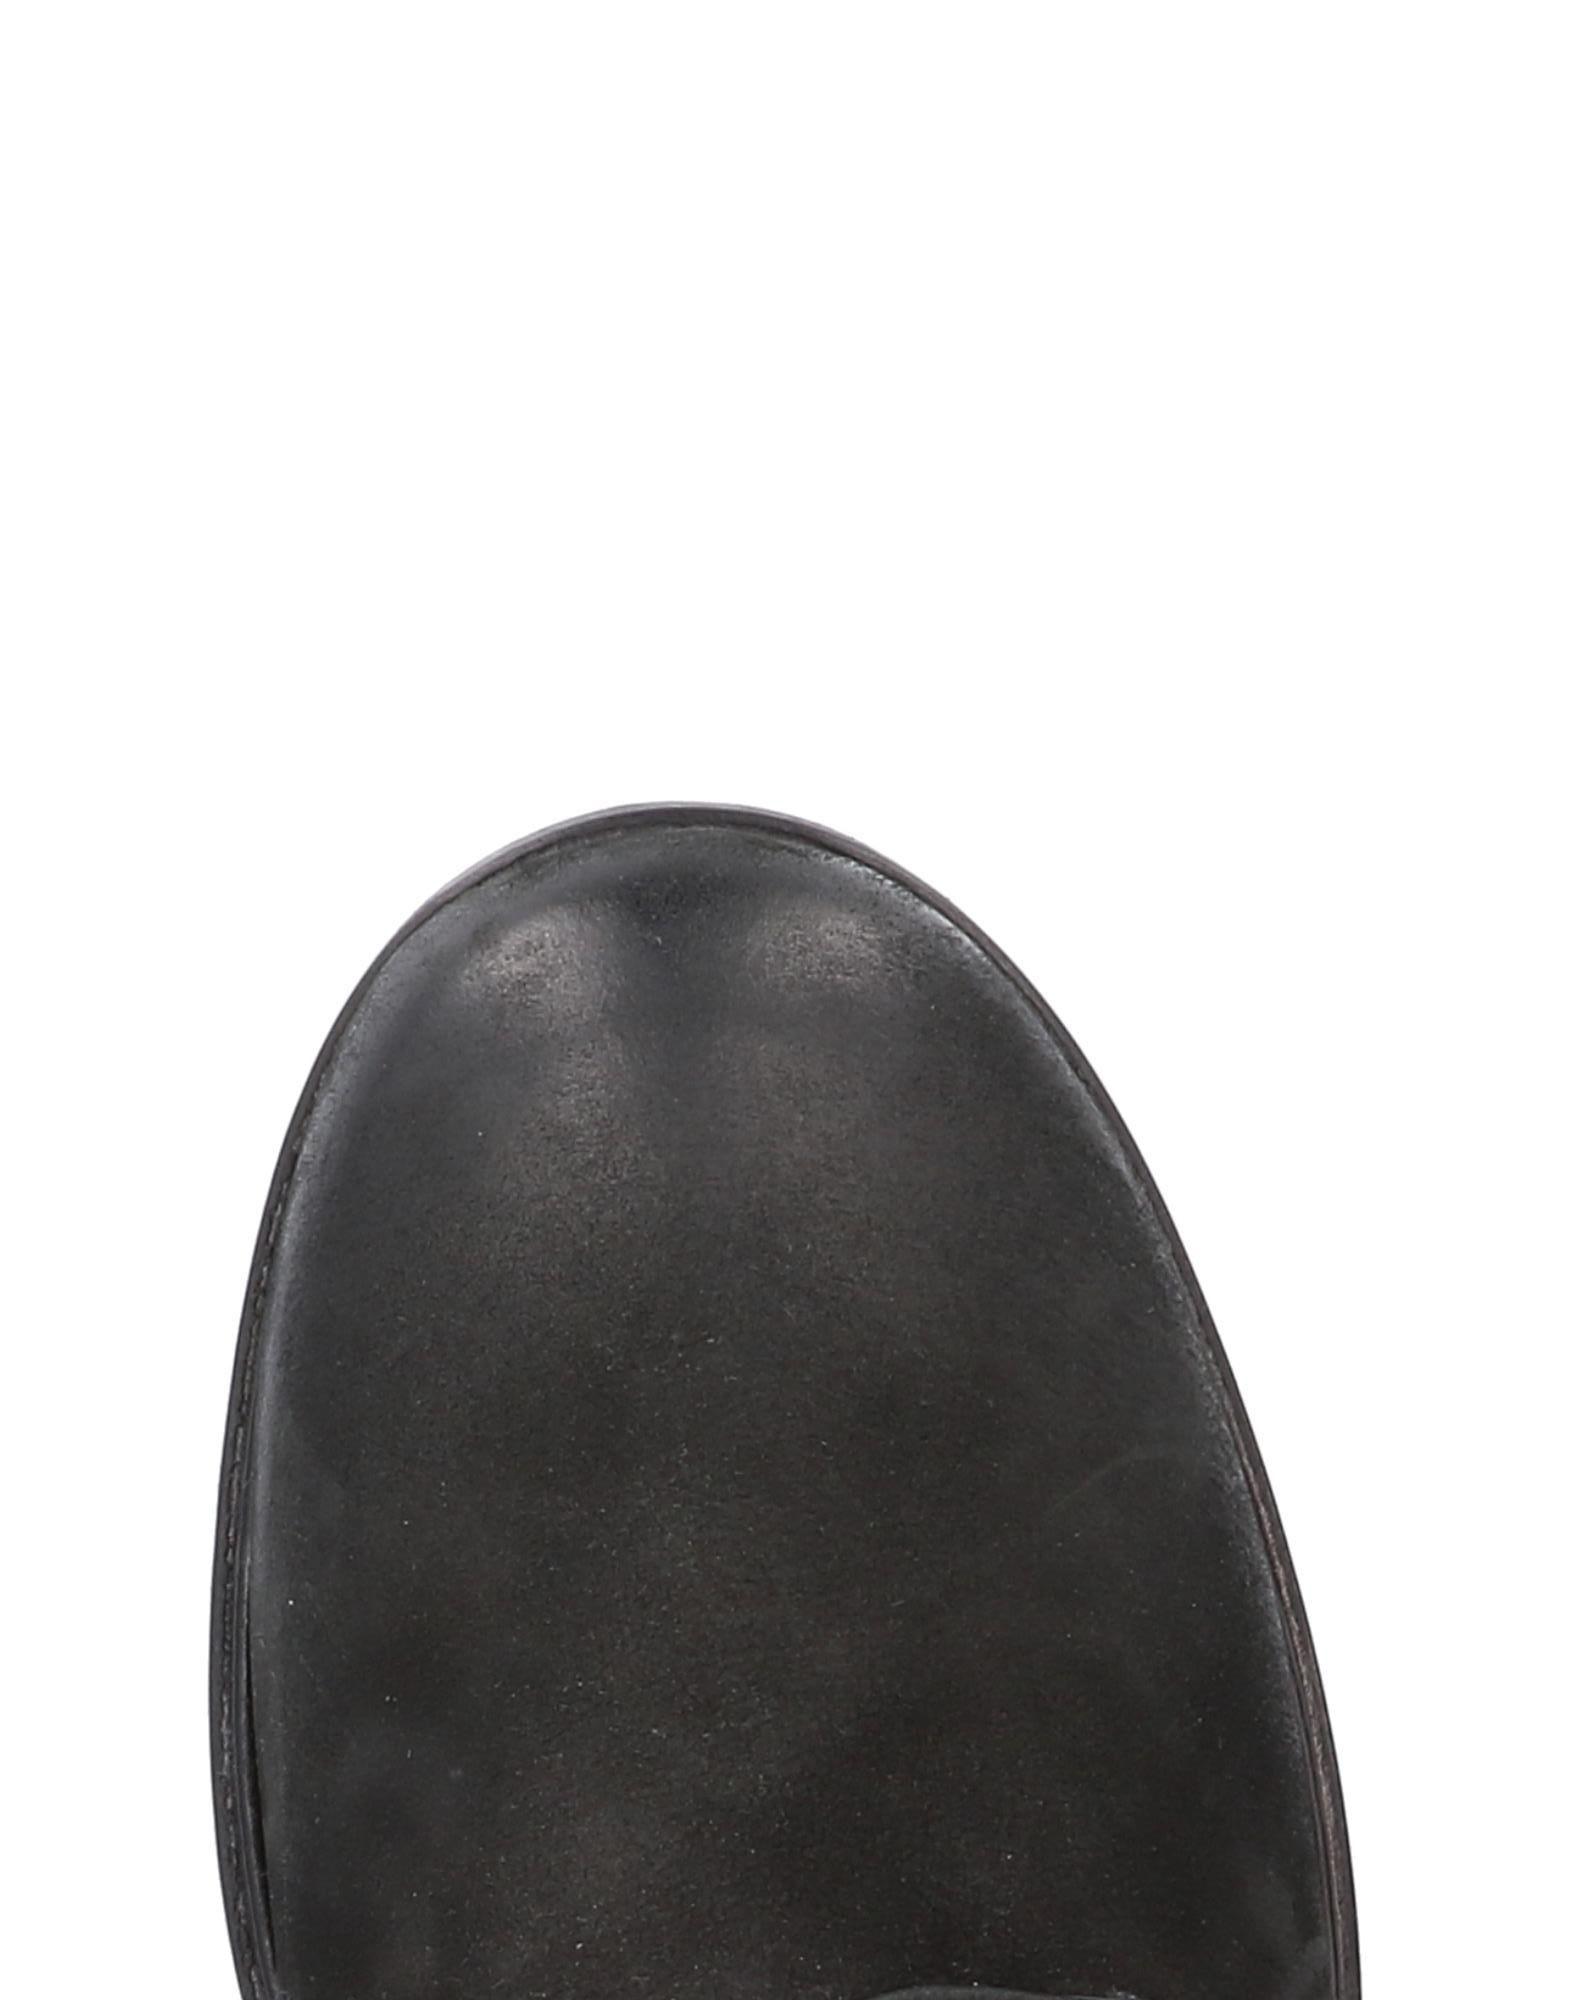 Halmanera Schnürschuhe Herren  11486121EF Schuhe Heiße Schuhe 11486121EF cc8f3a